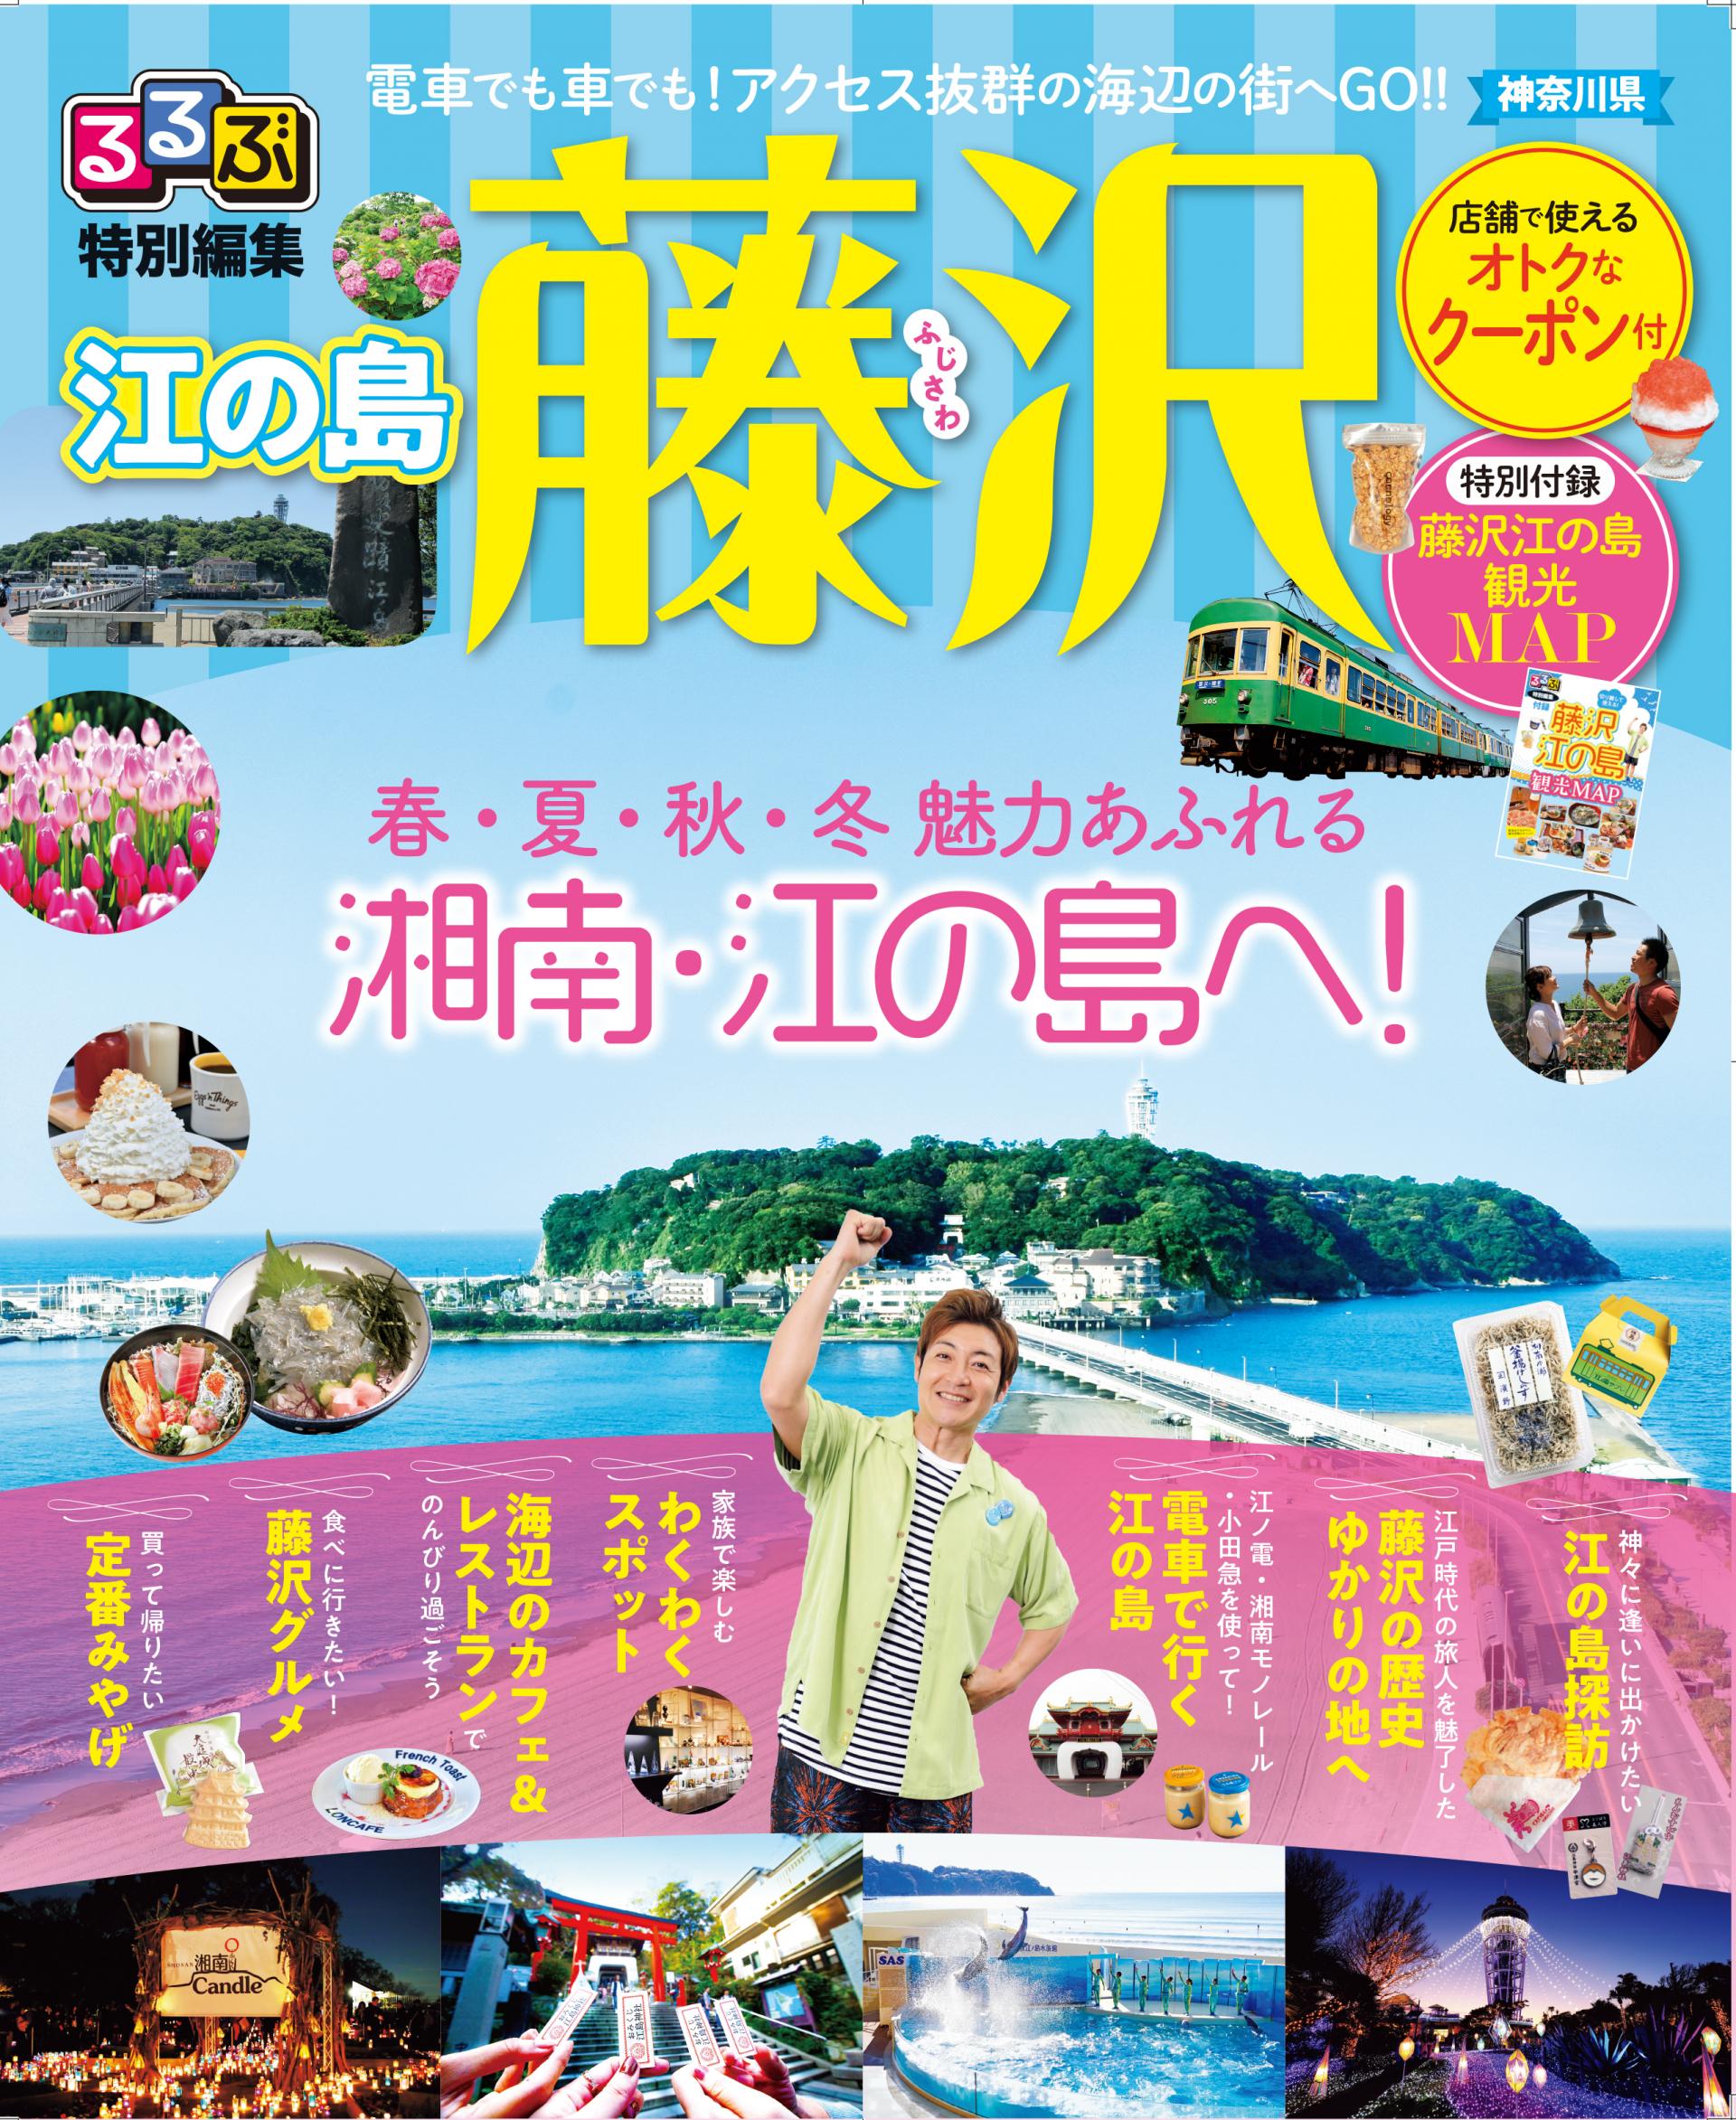 観光スポット   藤沢市観光公式ホームページ